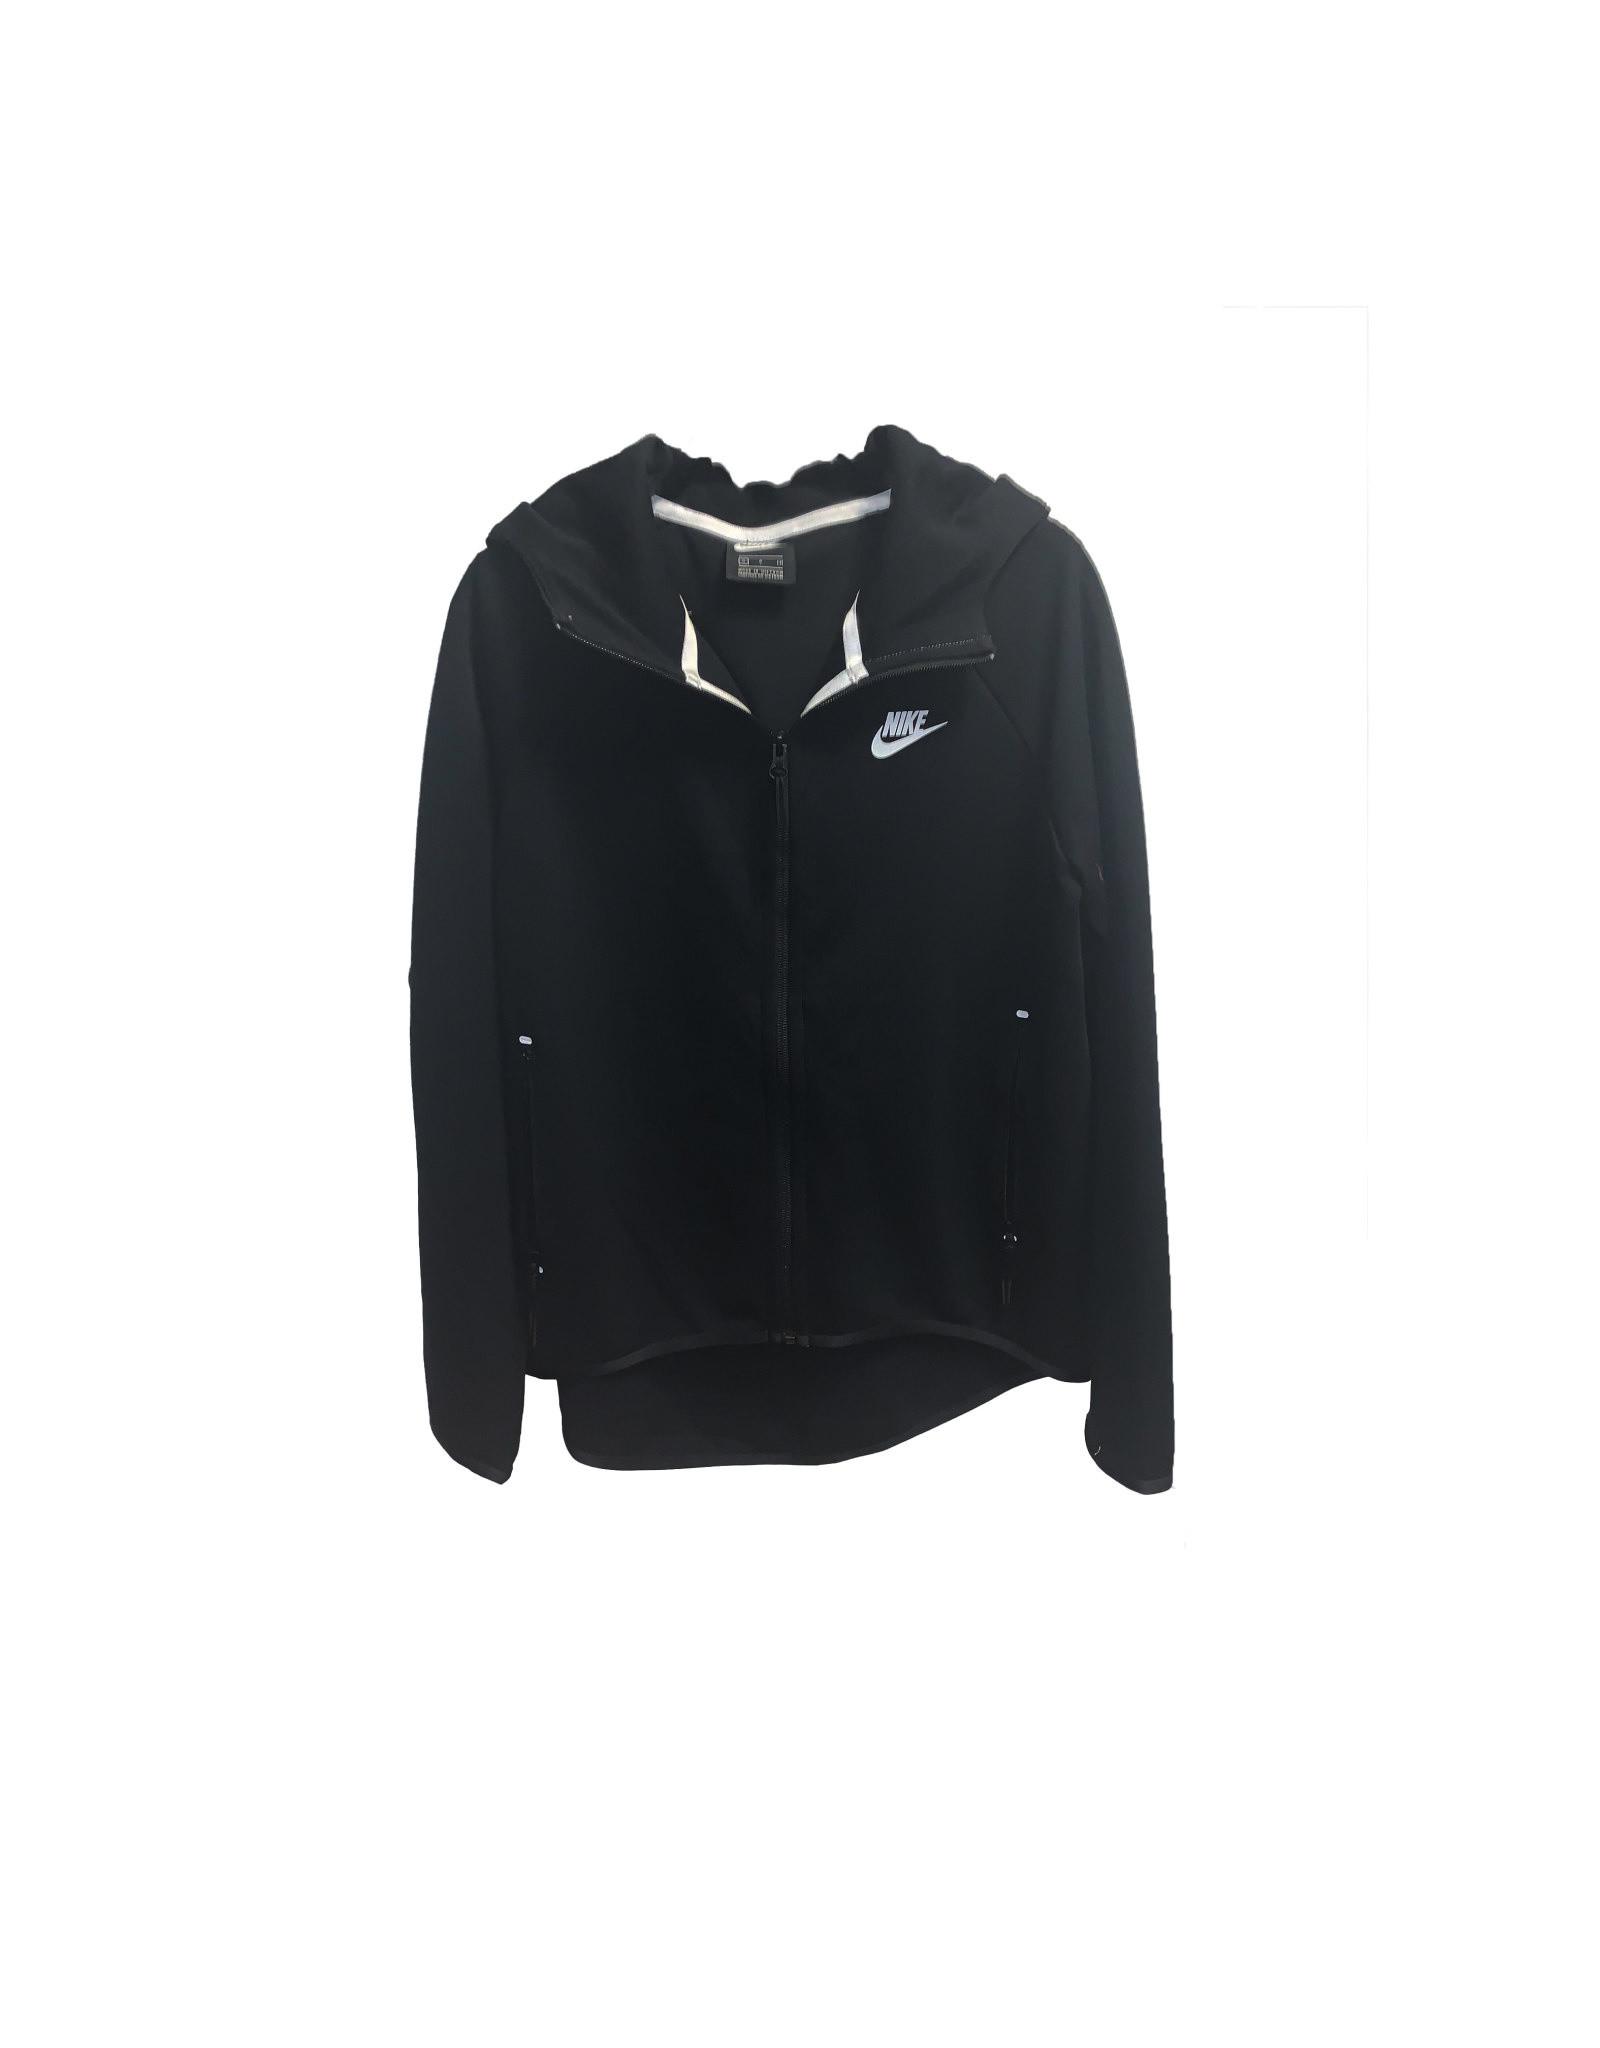 NIKE Nike Full Zip Athletic hoodie  SizeS